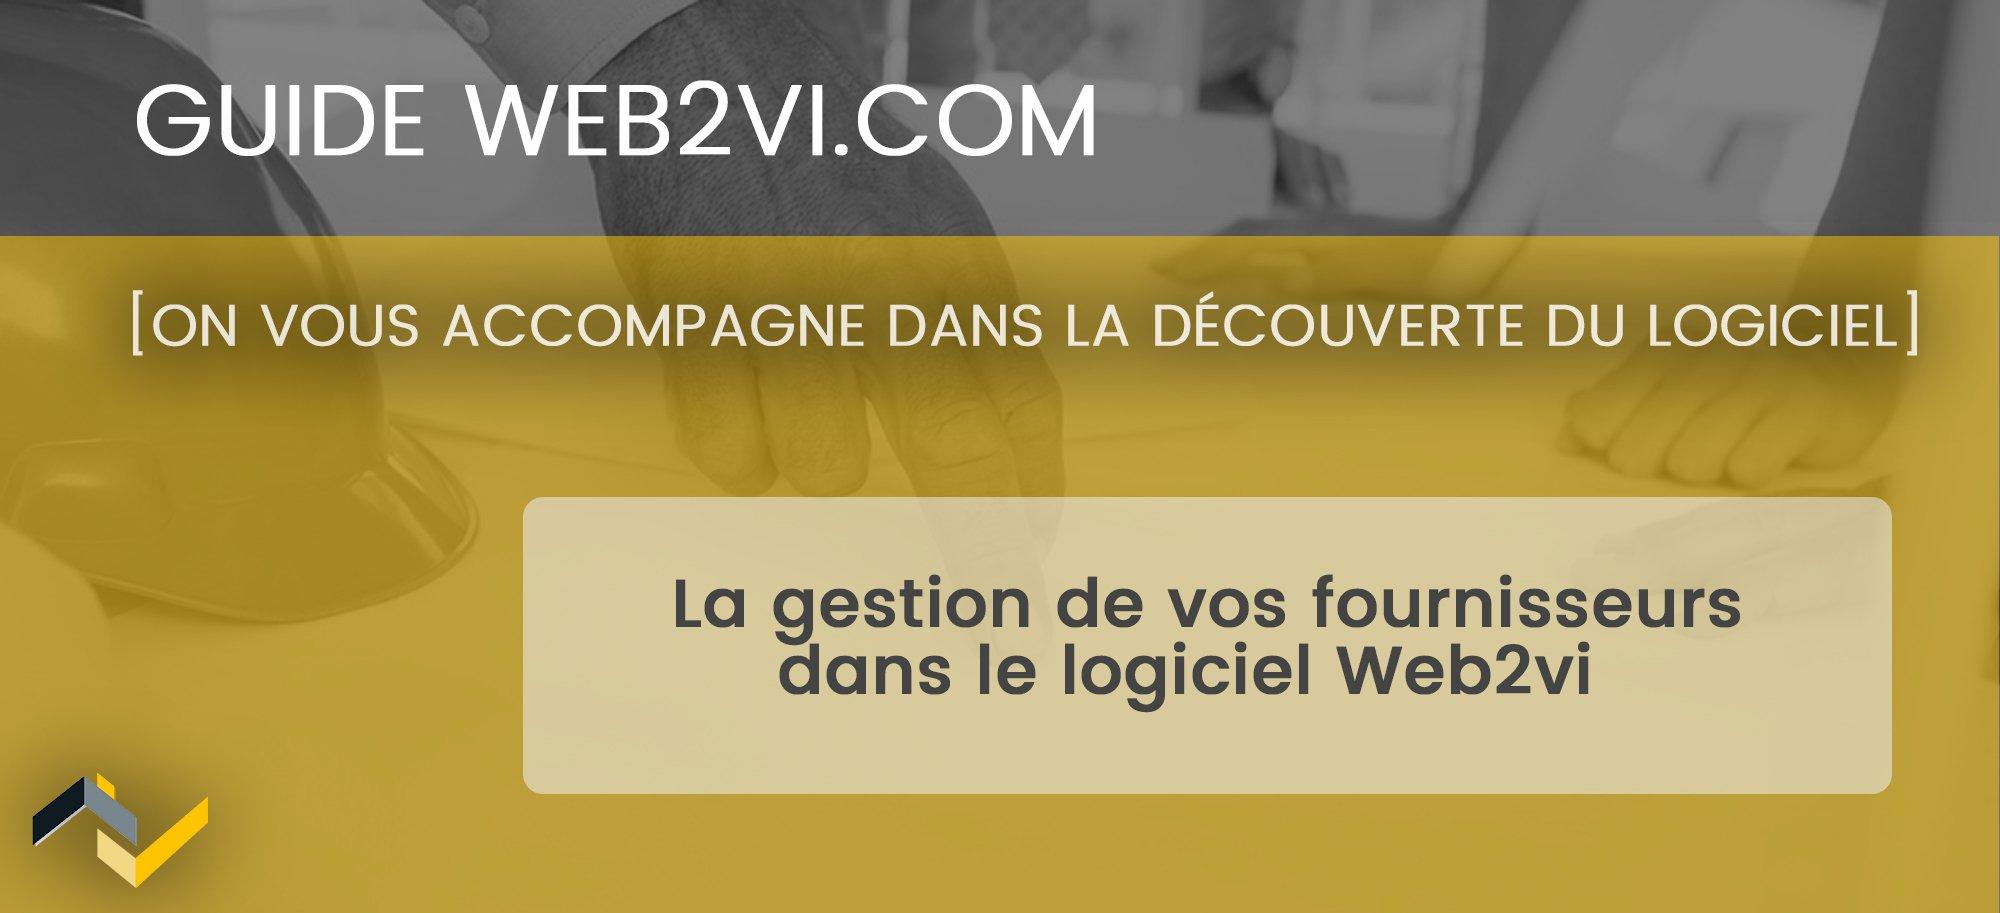 Ajouter vos fournisseurs dans la base de données Web2vi